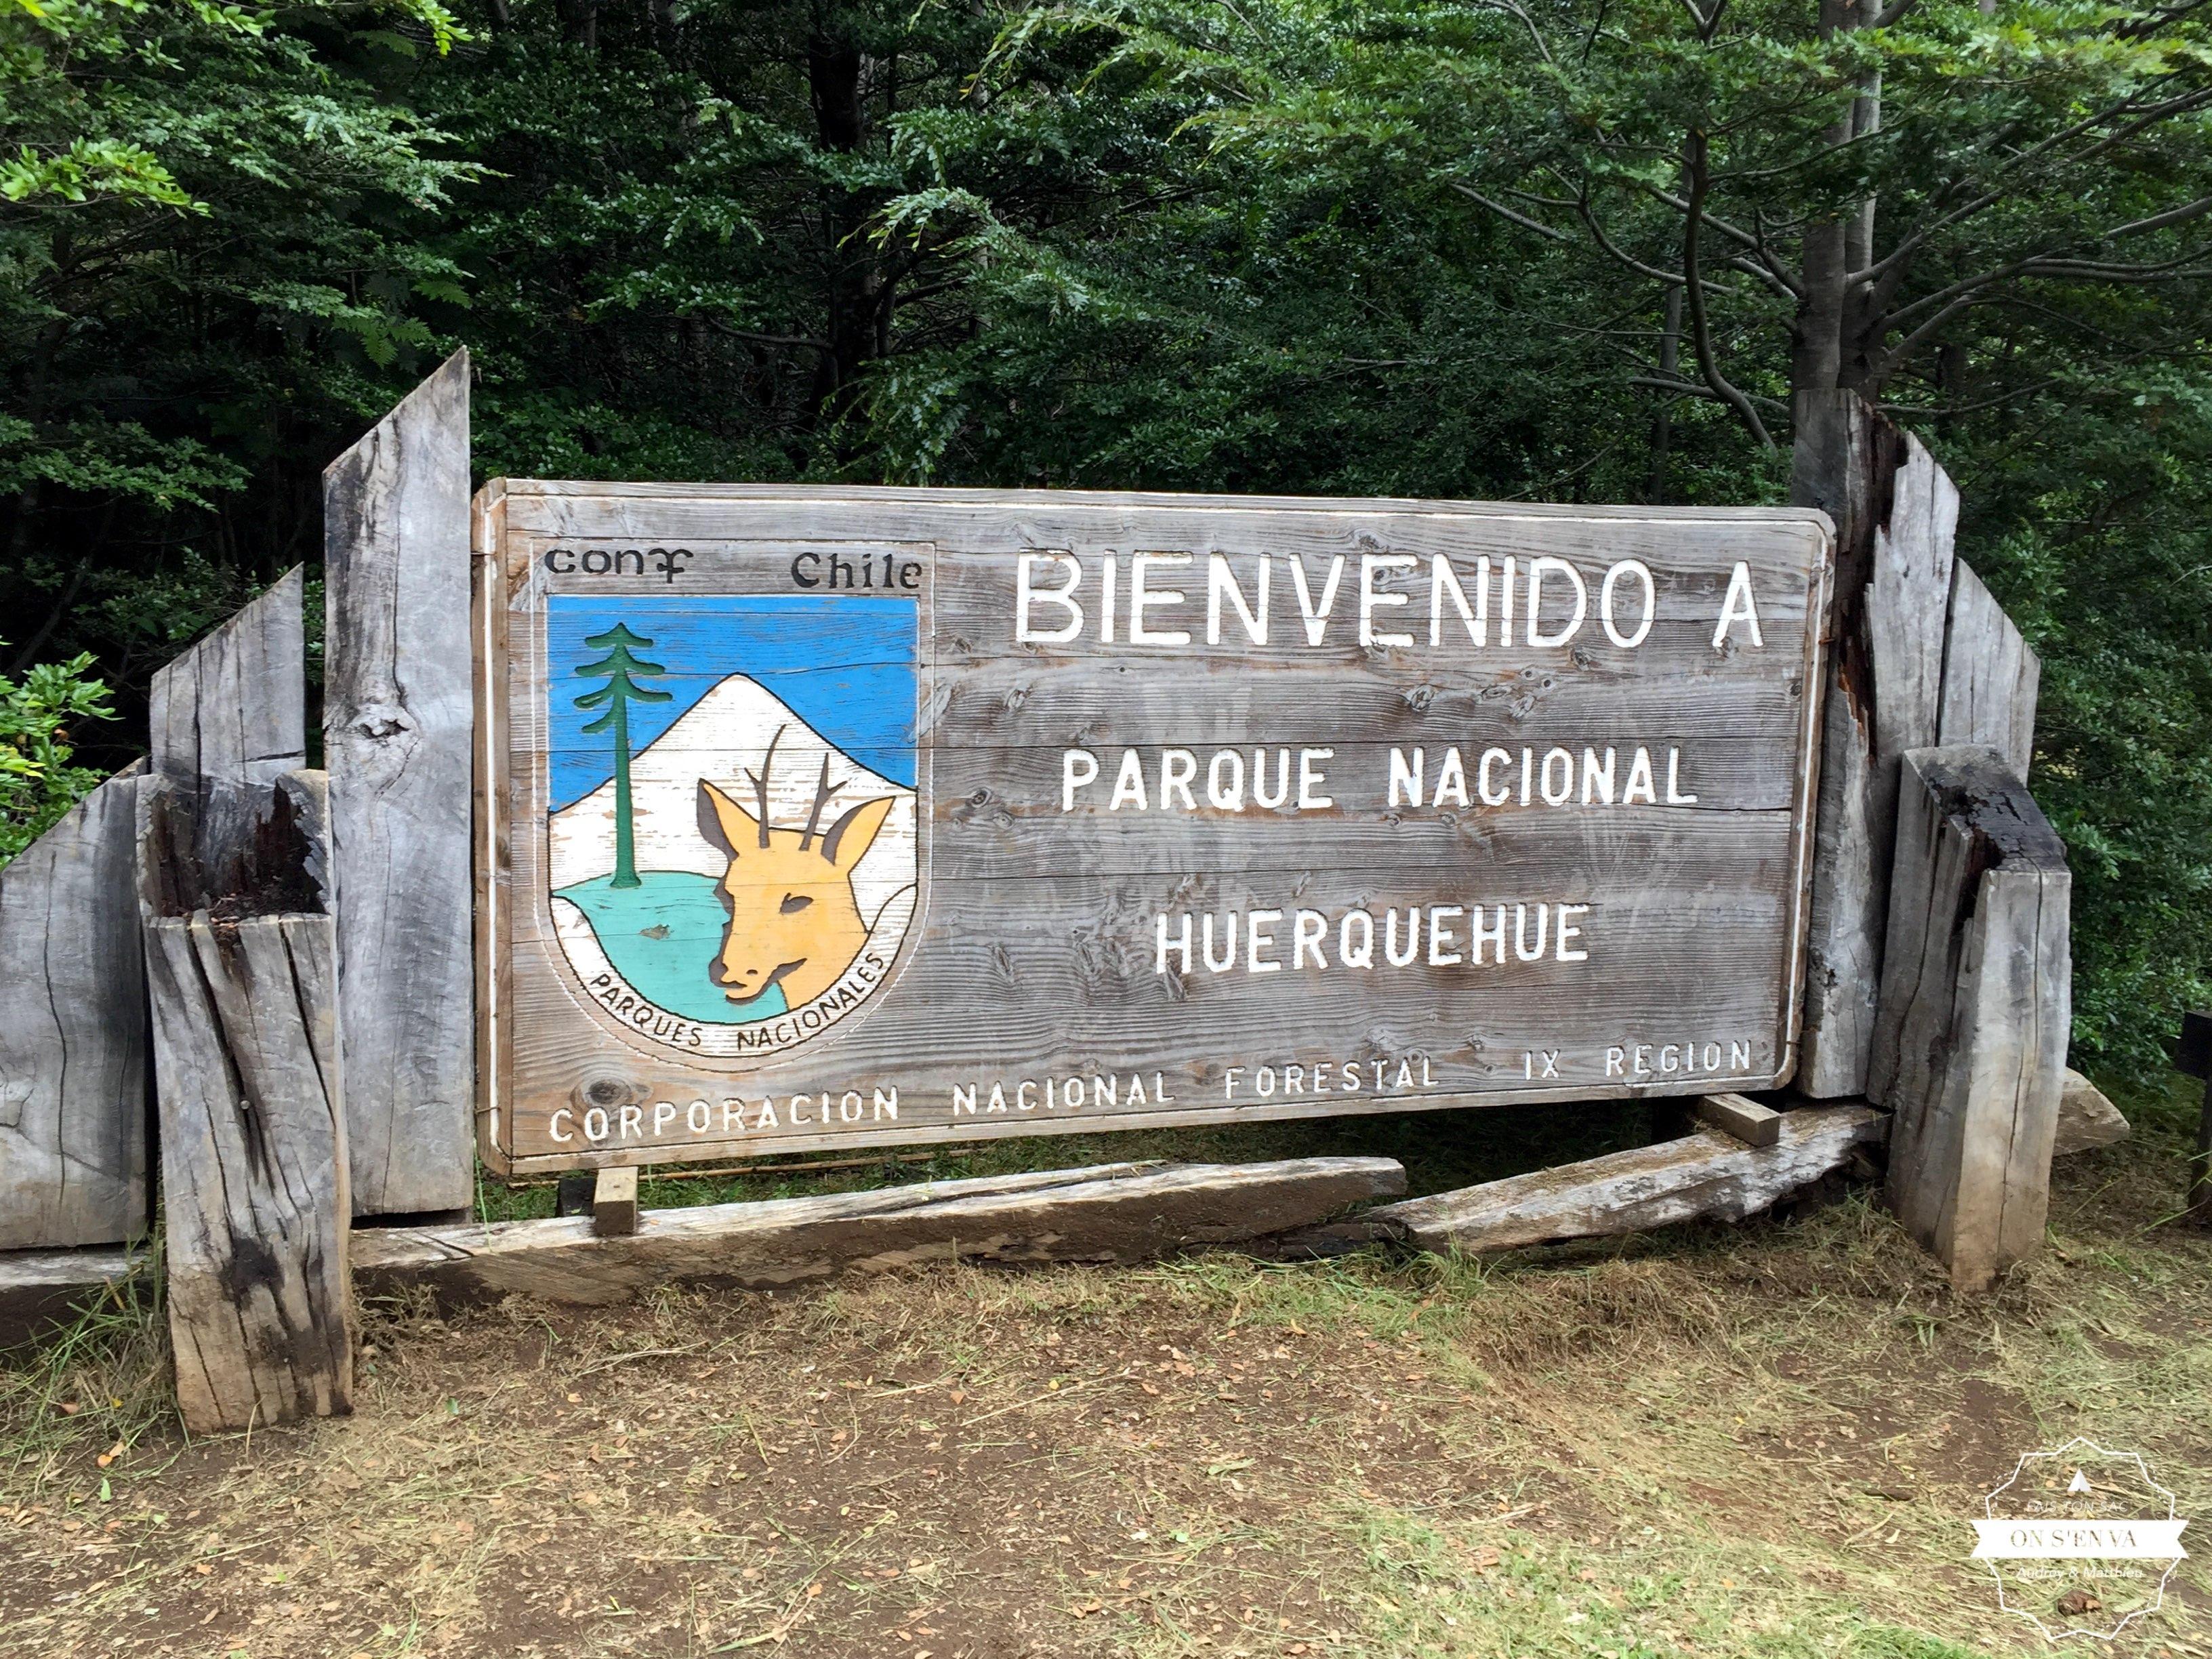 Parc Huerquehue